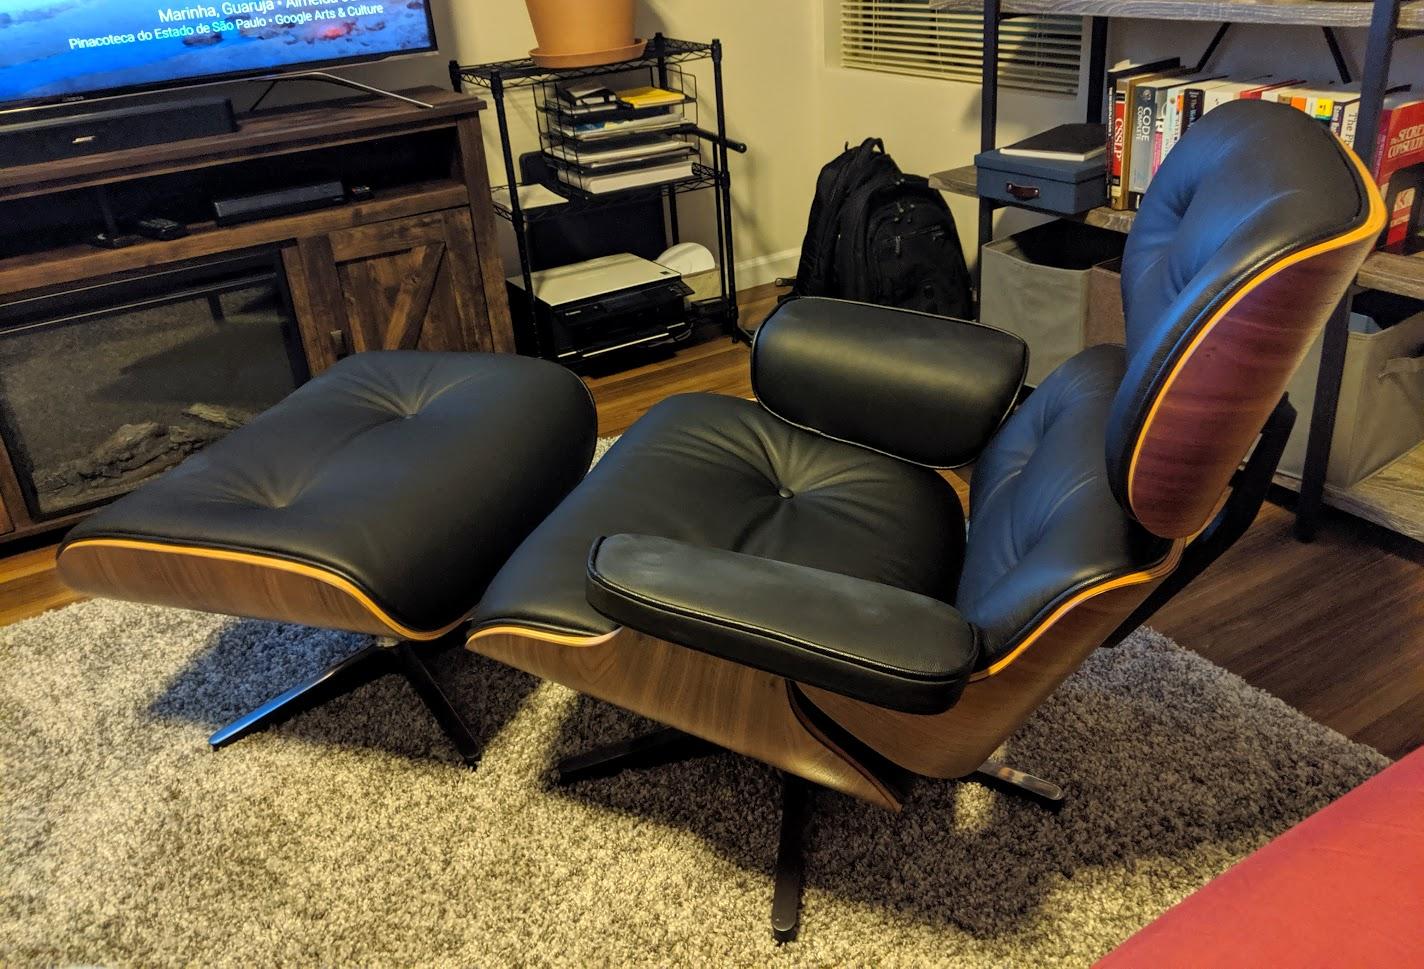 Eames replica chair